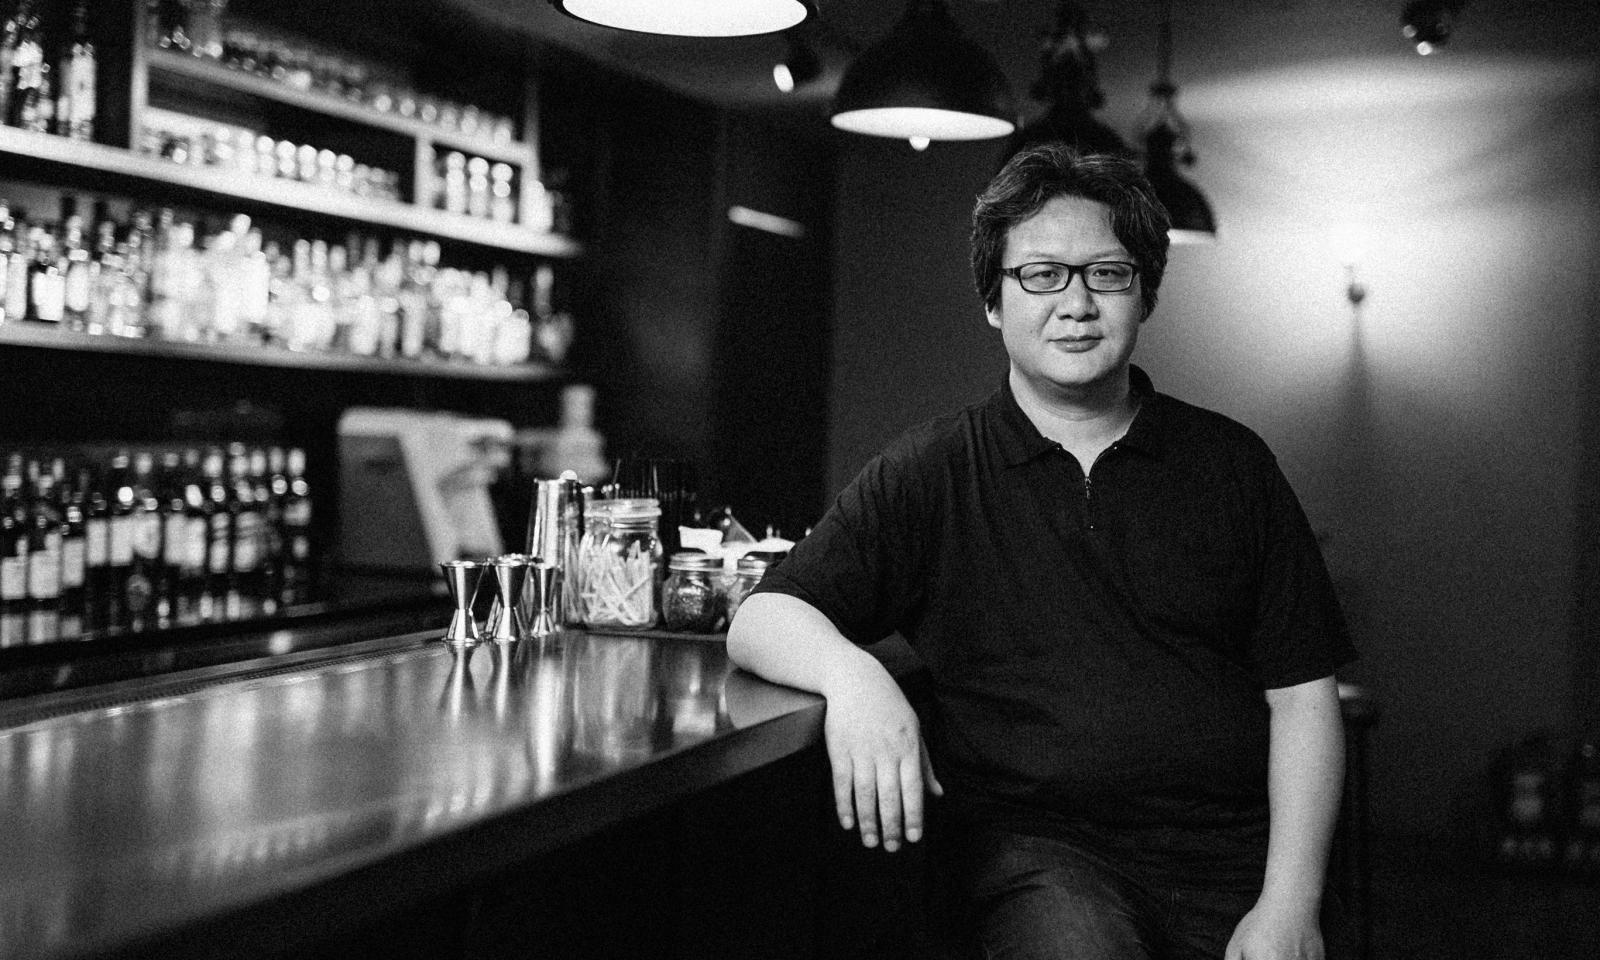 大眾電影,談的是信念與陰謀——專訪《師父》導演徐浩峰